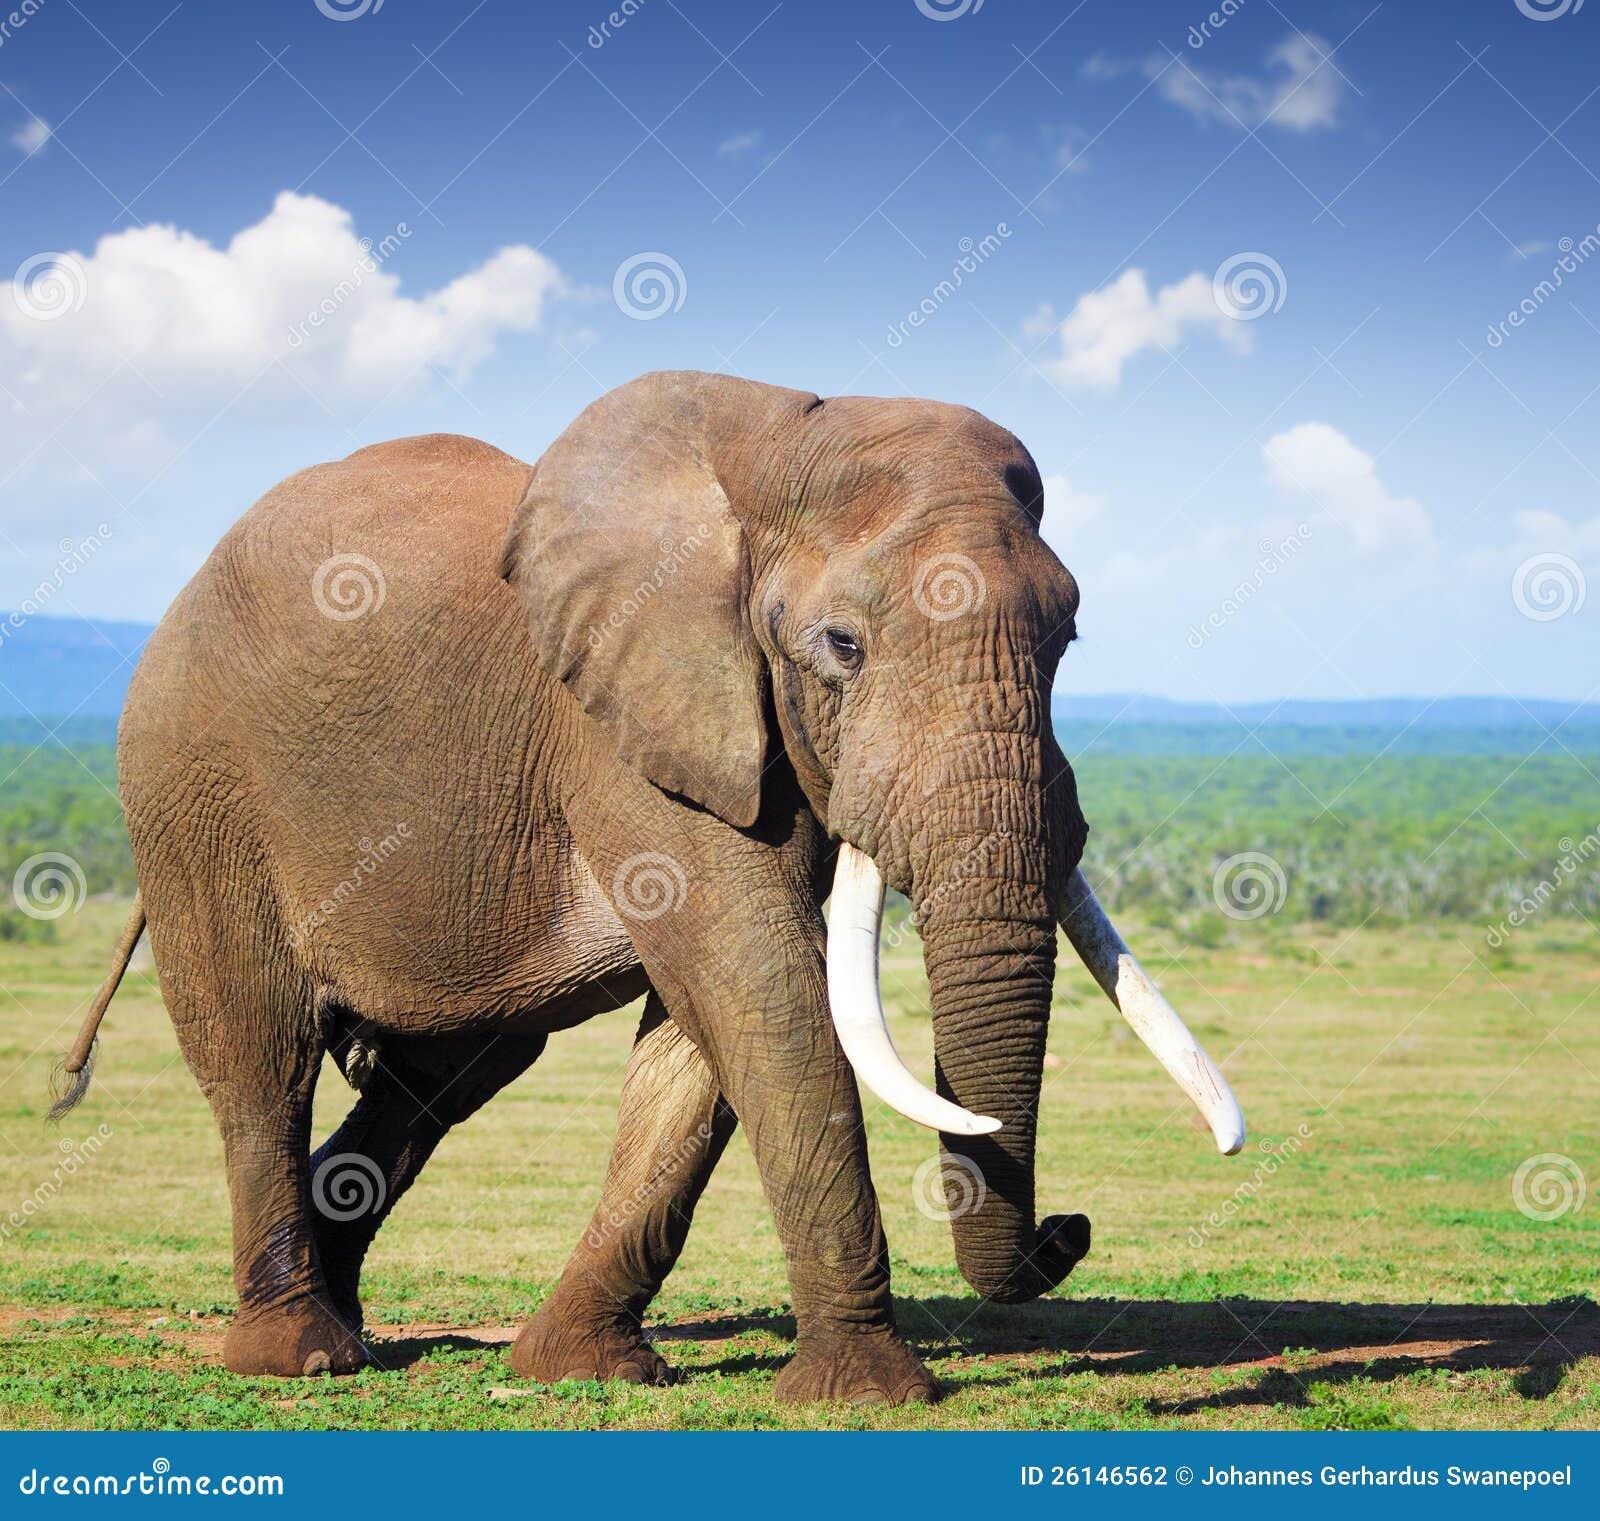 Elephant with large tusks stock photo image of stand 26146562 - Image elephant ...